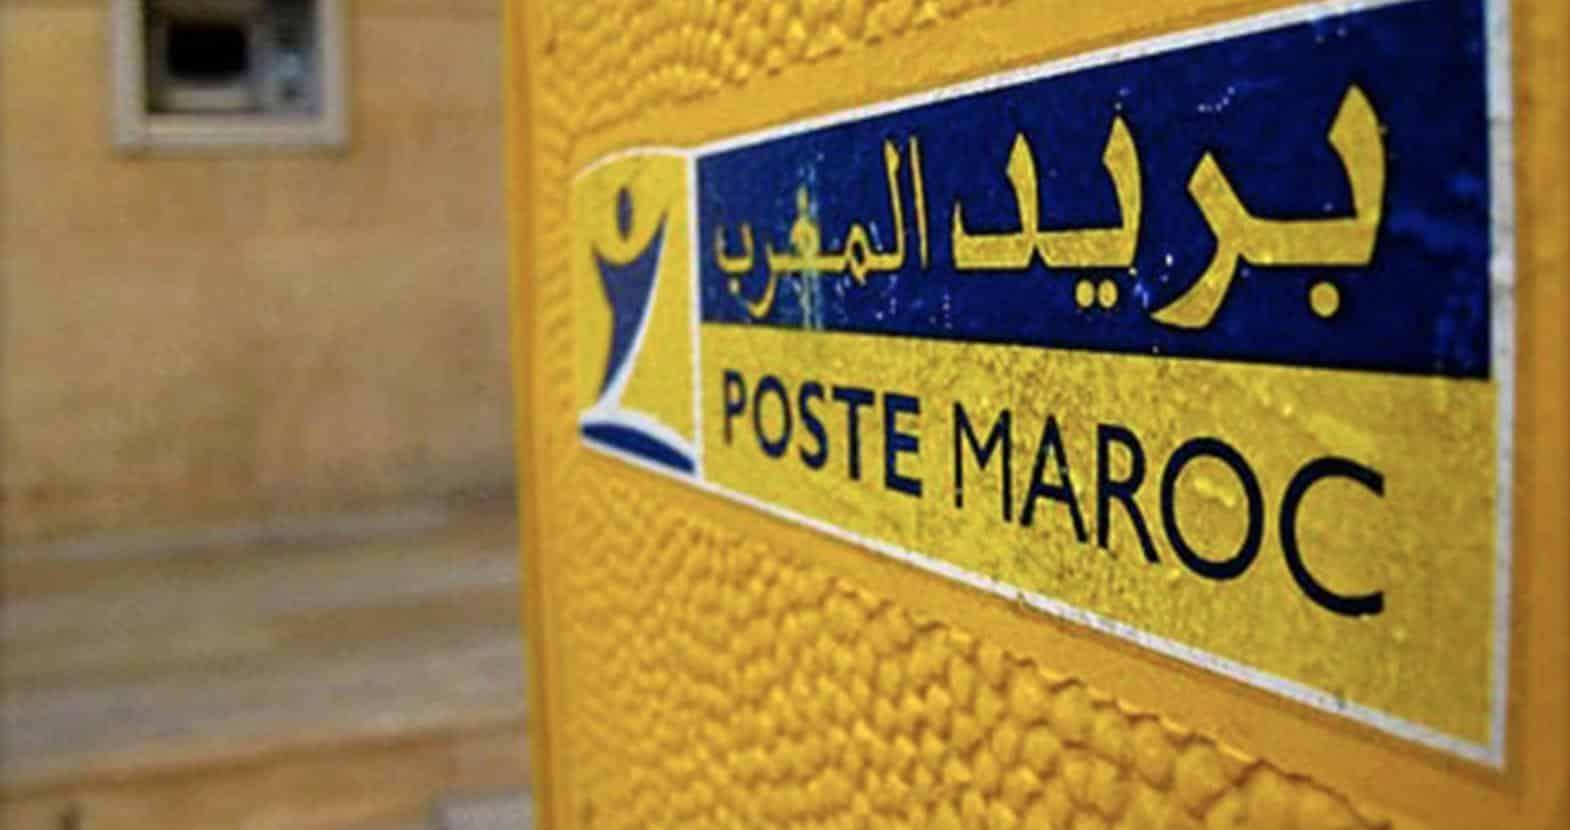 بريد المغرب يعلن عن تغييرات تتعلق بإيصال البريد والطرود الموجهة إلى الخارج